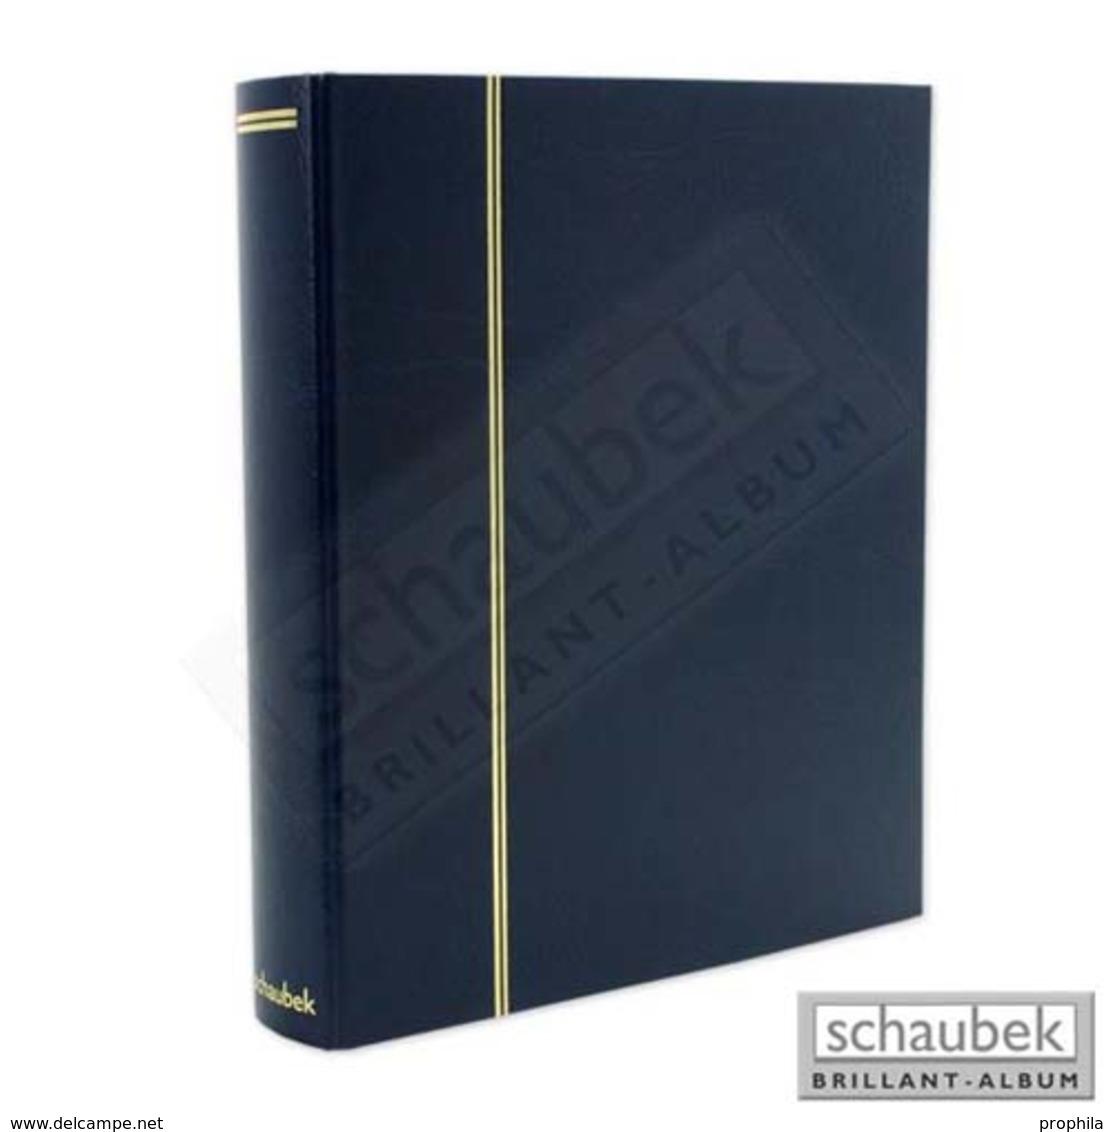 Schaubek Scrb-1133 Album Pour Cartes Postales Universal, Reliure Attaché, Avec 20 Feuilles Fo-113 Pour CP Bleue - Groß, Grund Schwarz